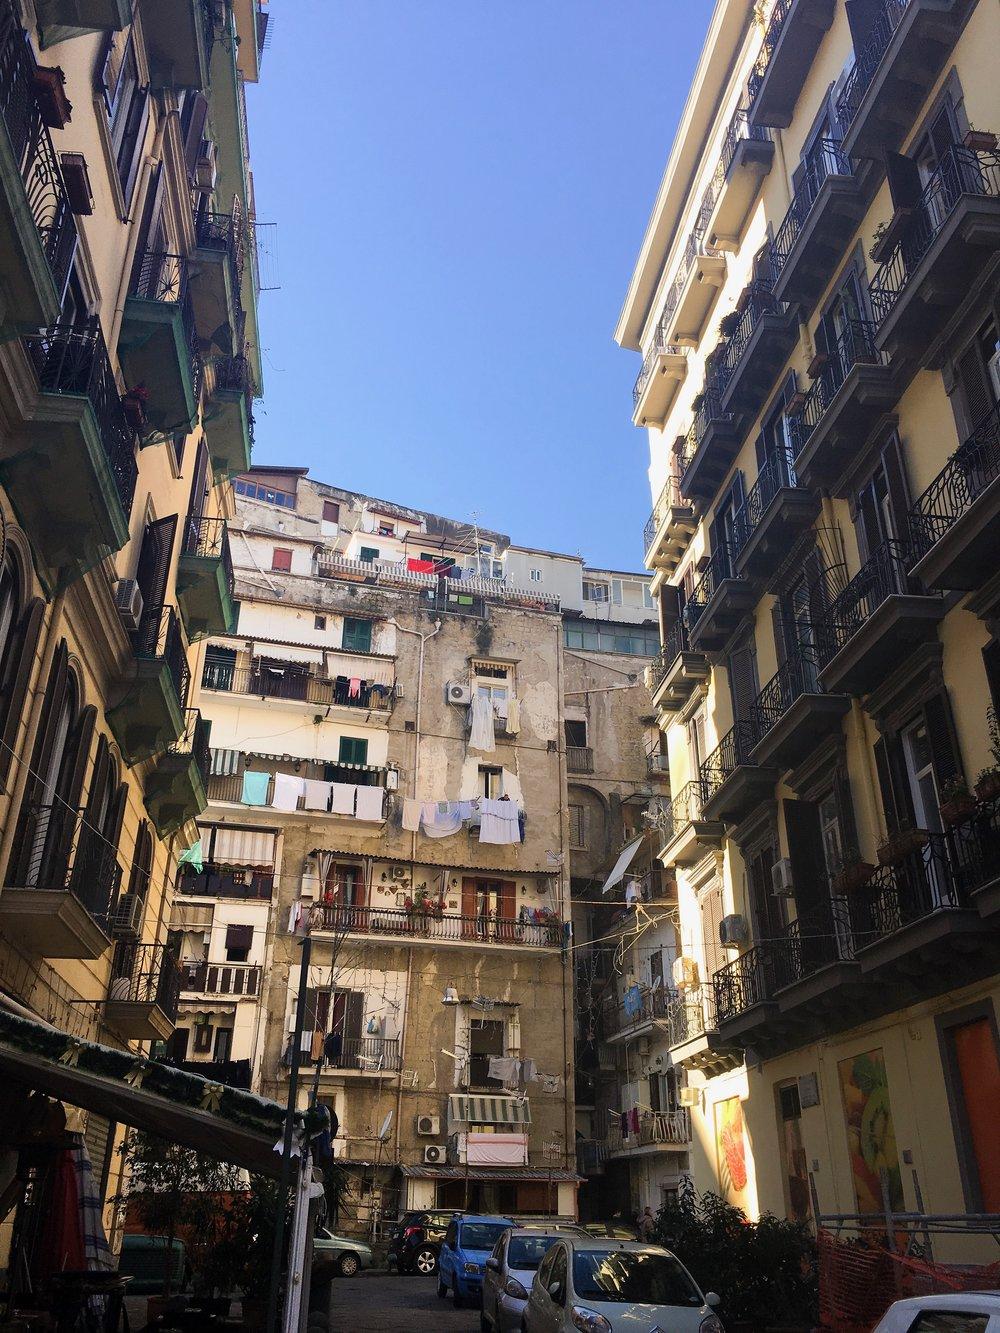 Naples 1.jpeg